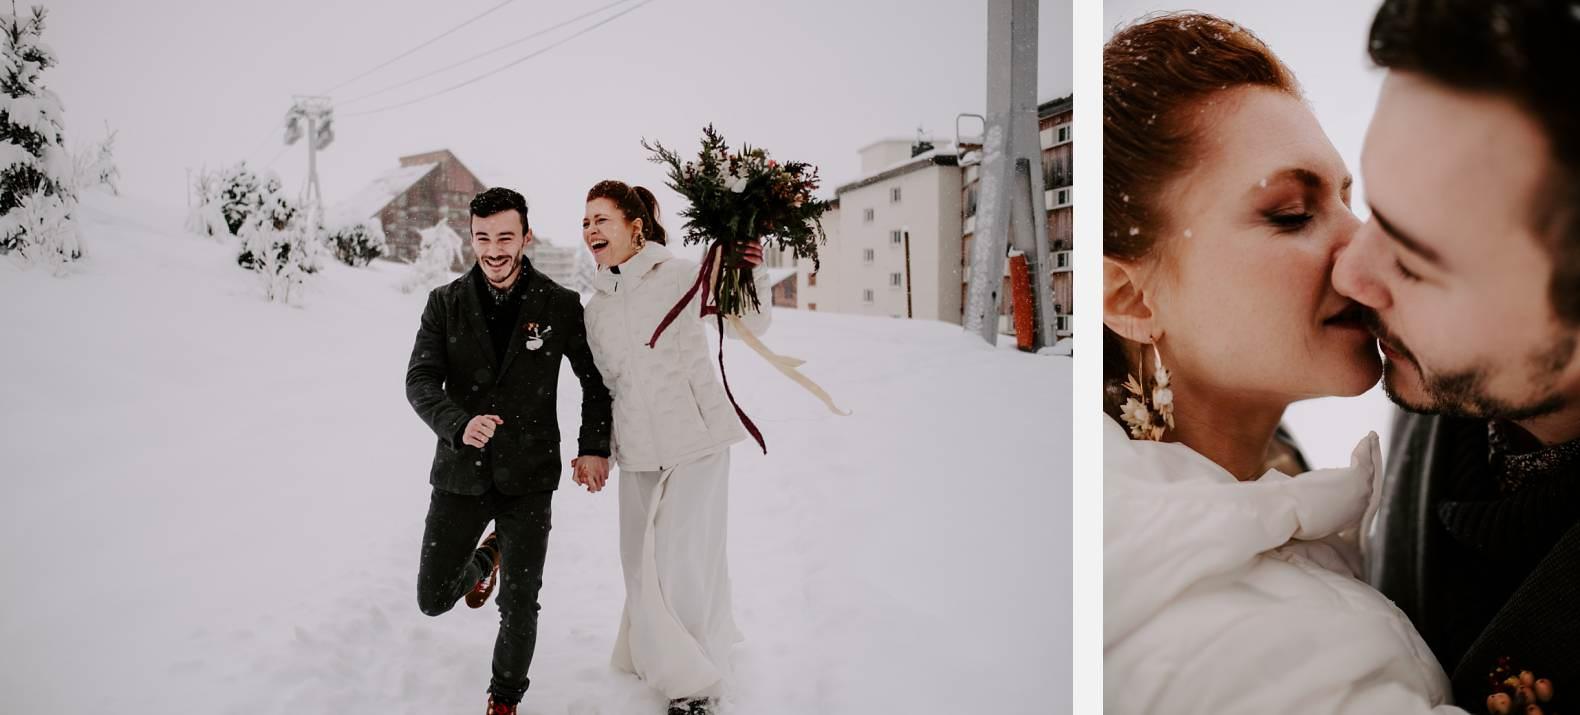 mariage hiver alpes huez isere hotel grandes rousses photographe bel esprit 0031